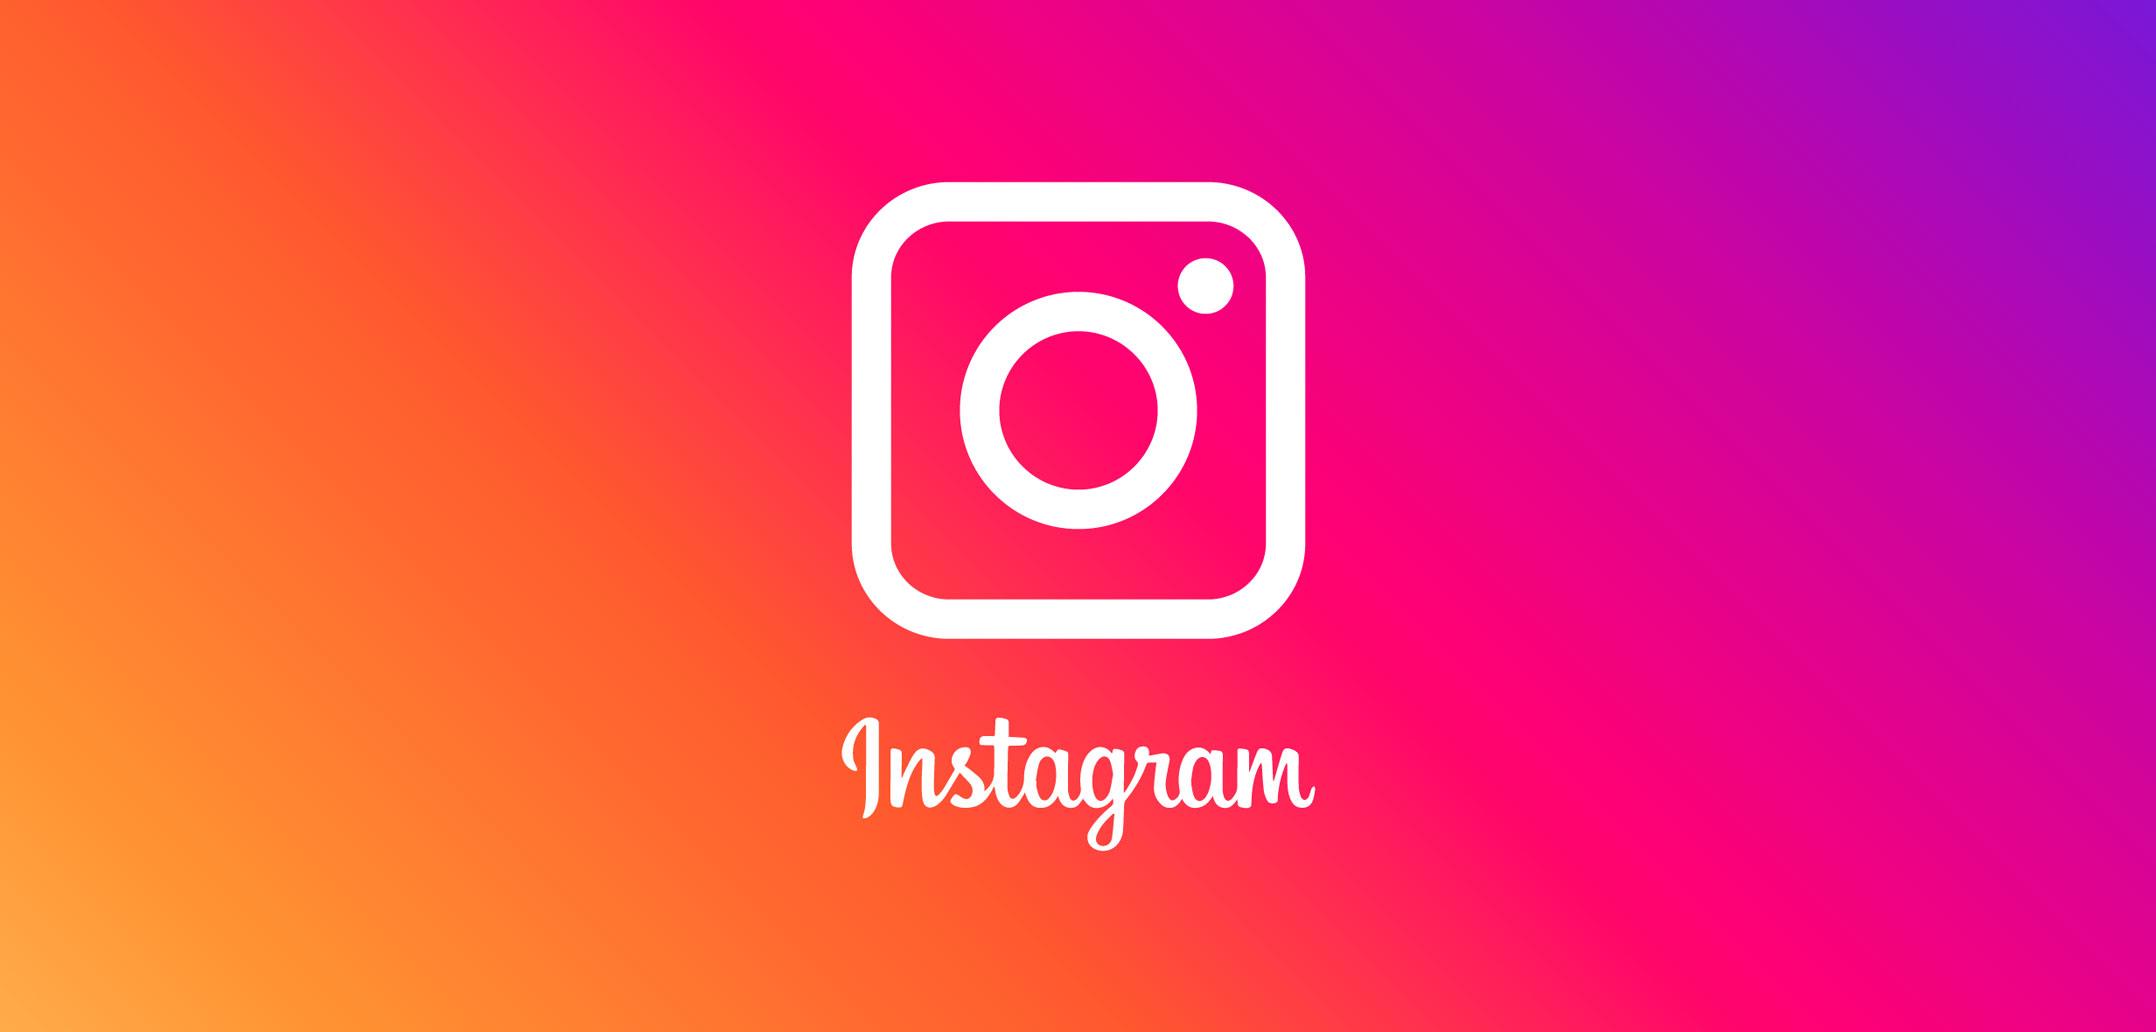 instagram privacy - تعرف على الشخص الأكثر متابعة على انستجرام وكم يجني من المنشور الواحد